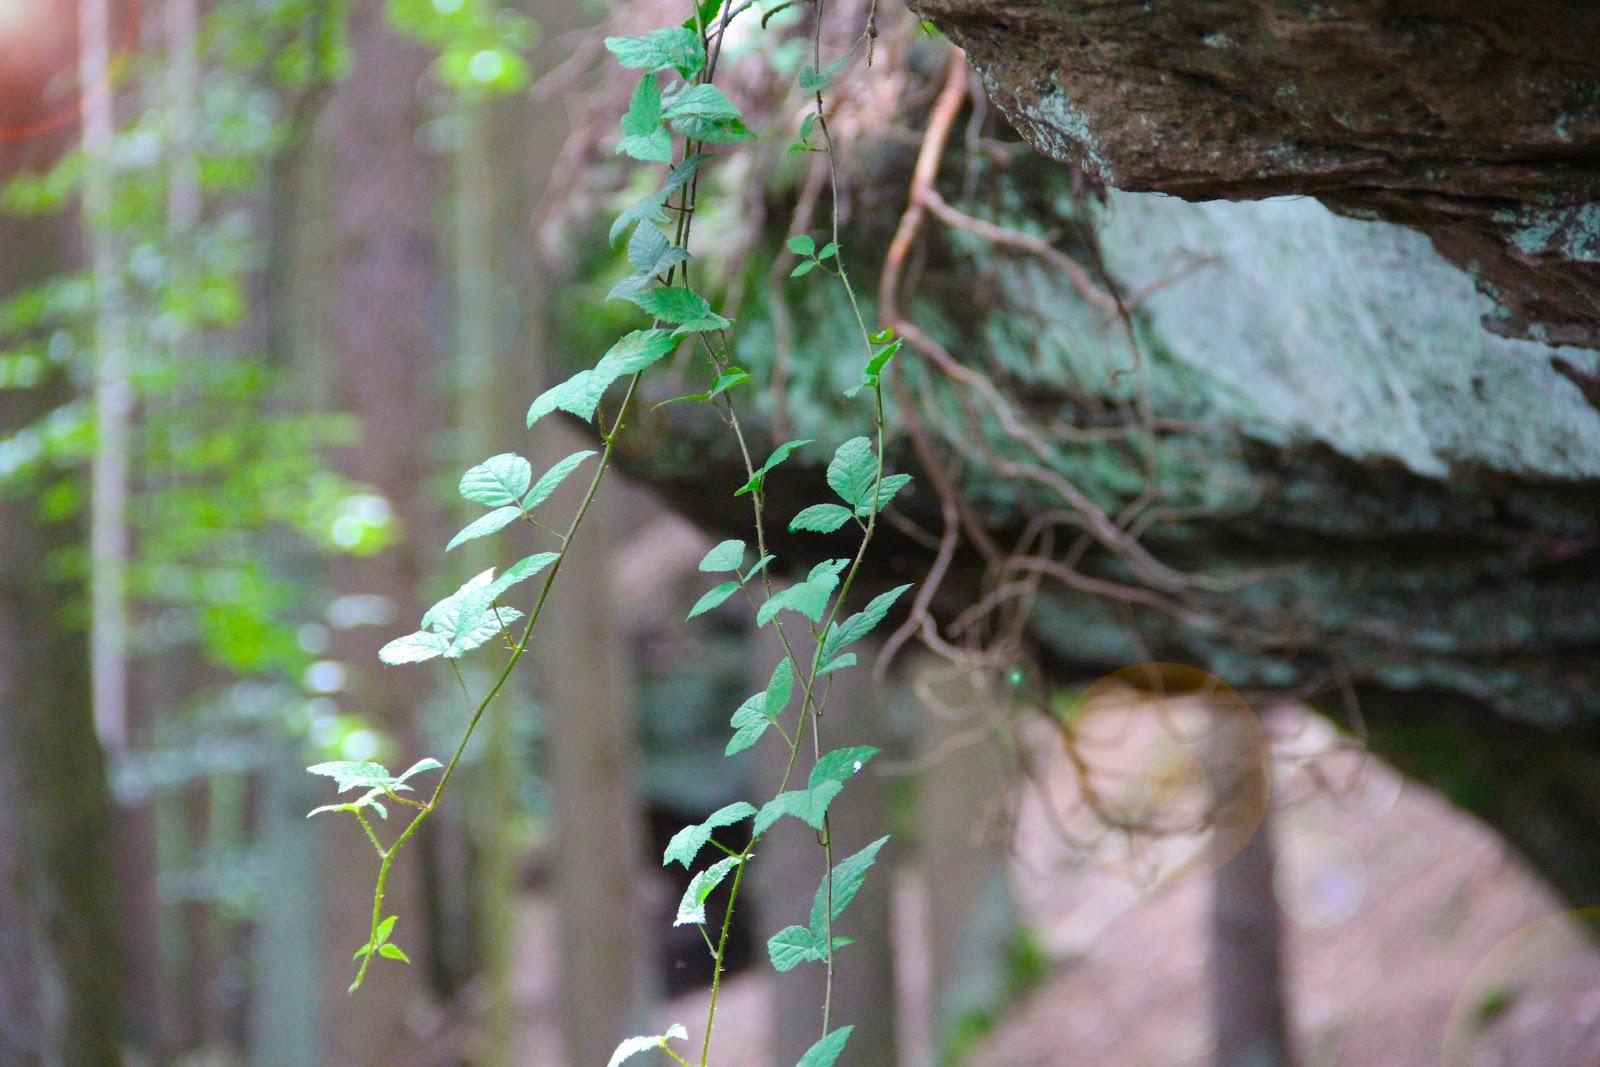 Eindrucksvolle Natur findet man bei Wanderungen im Nördlichen Schwarzwald